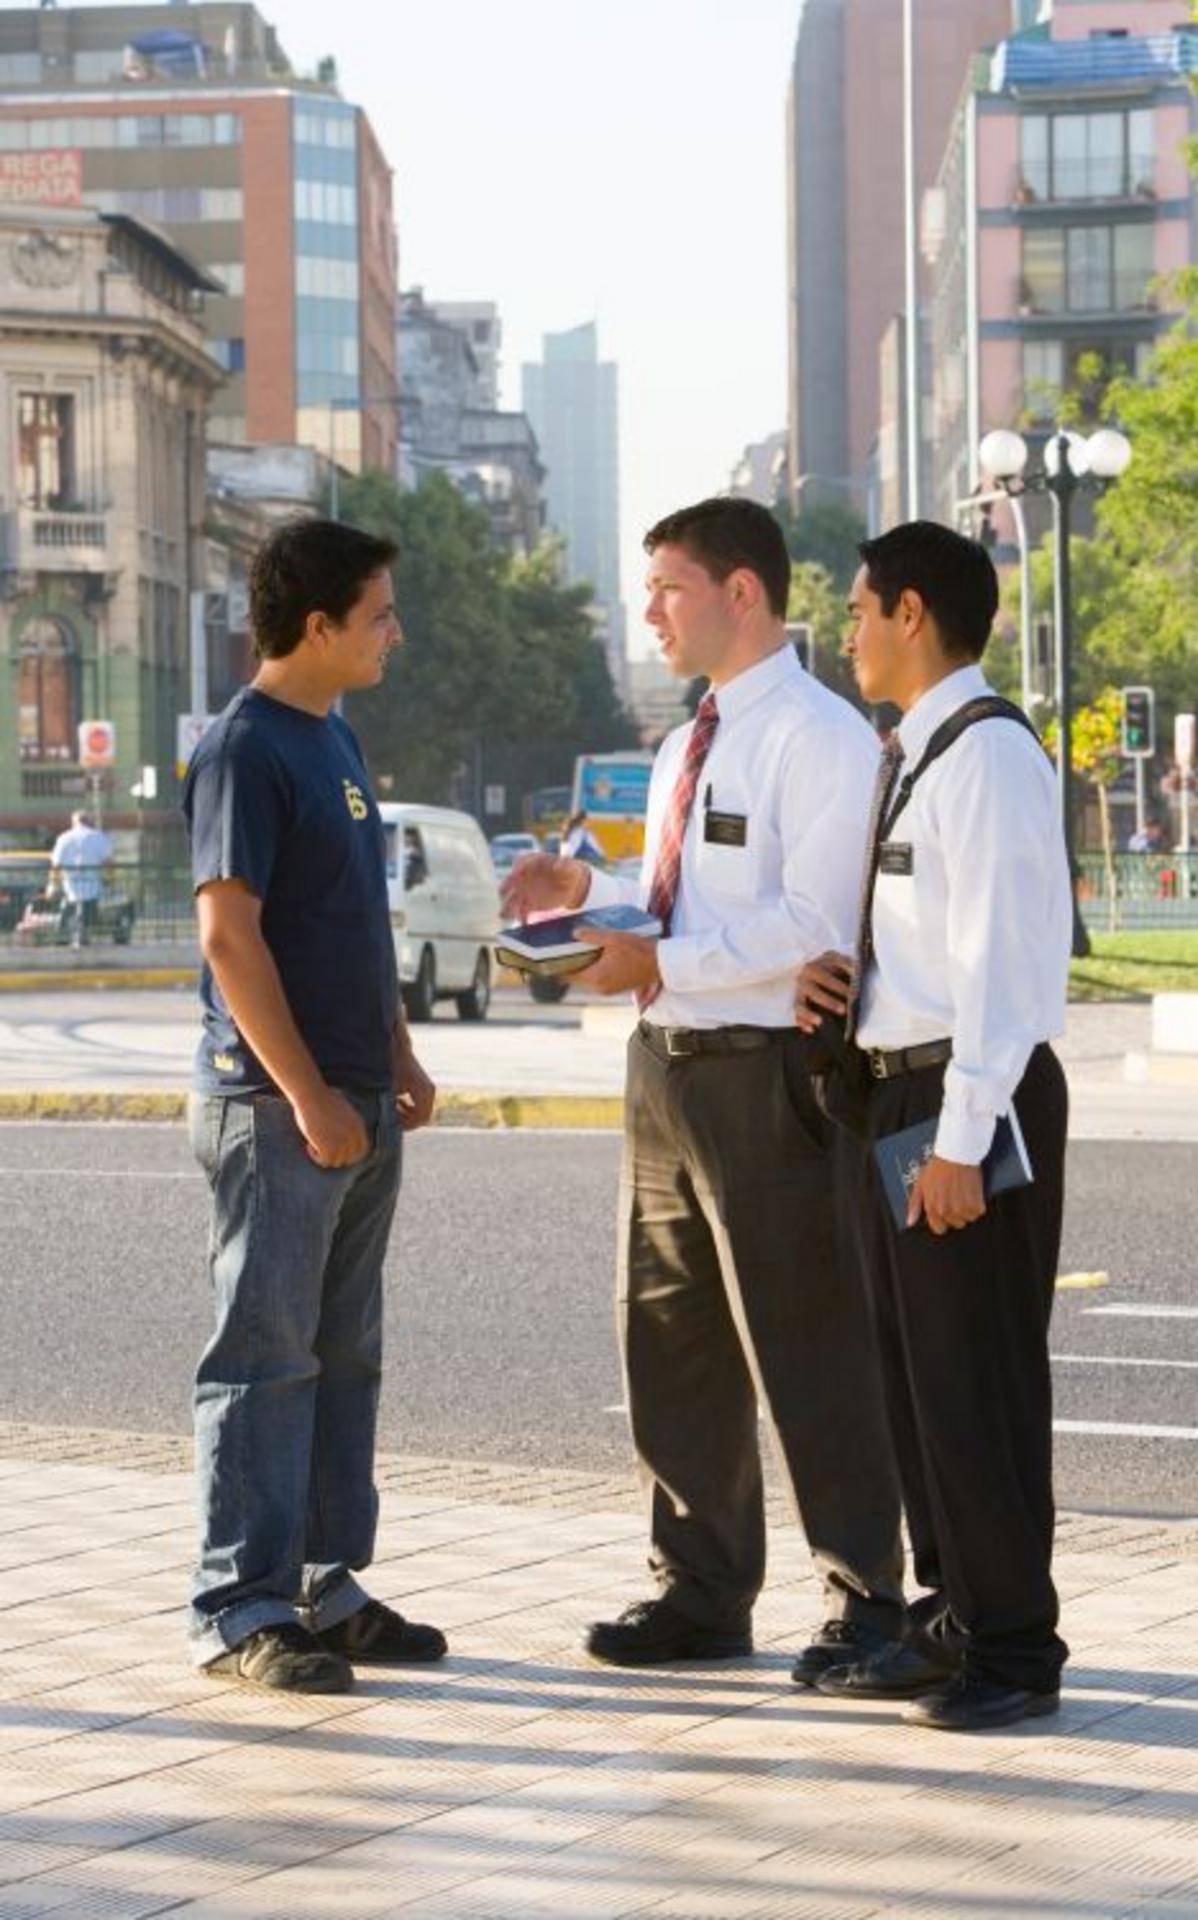 Missionare sprechen mit einem jungen Mann